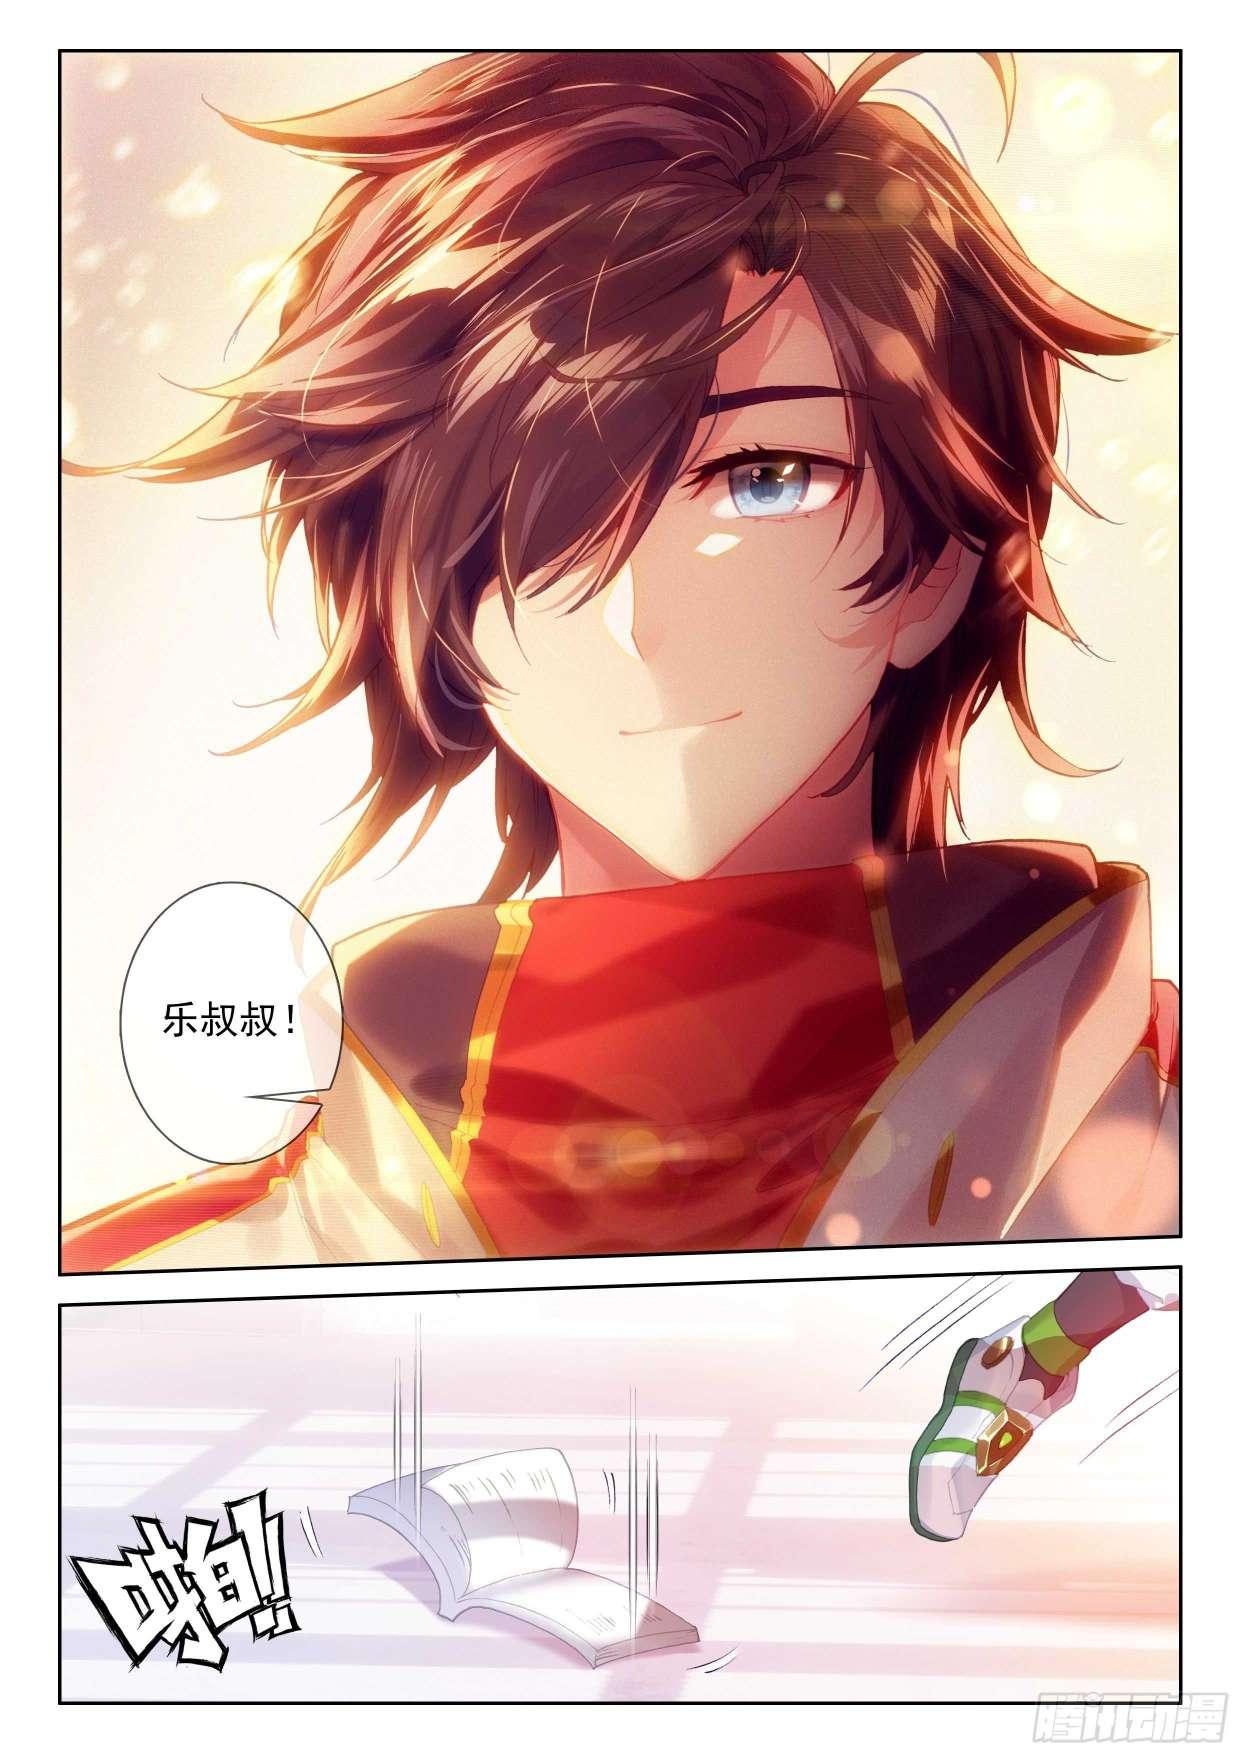 【漫画更新】《斗罗大陆4终极斗罗》总193~194话